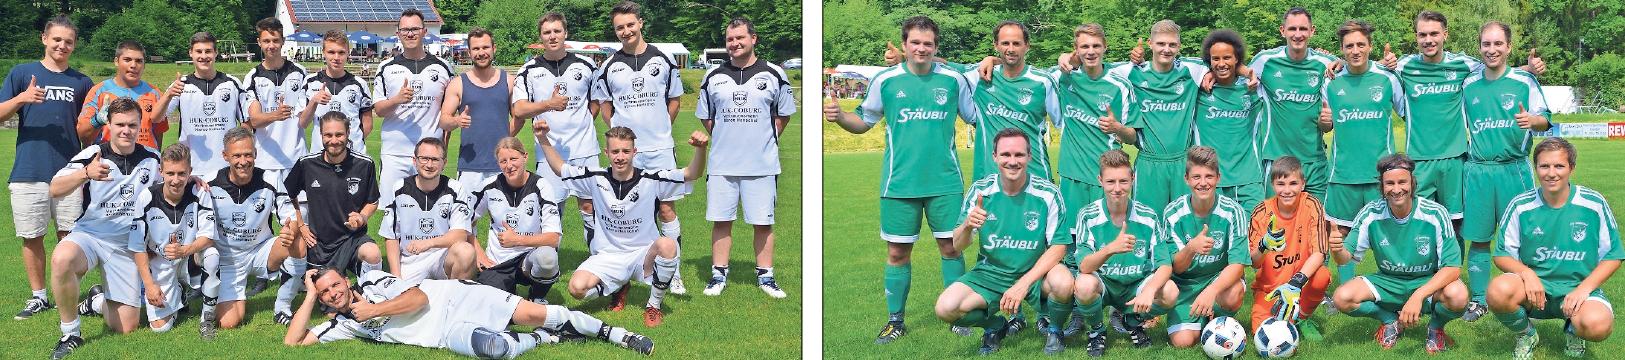 Sie bestreiten alljährlich das traditionelle Kerwaspiel: Trifftnix Donndorf (links) gegen Konnix Eckersdorf (rechts)